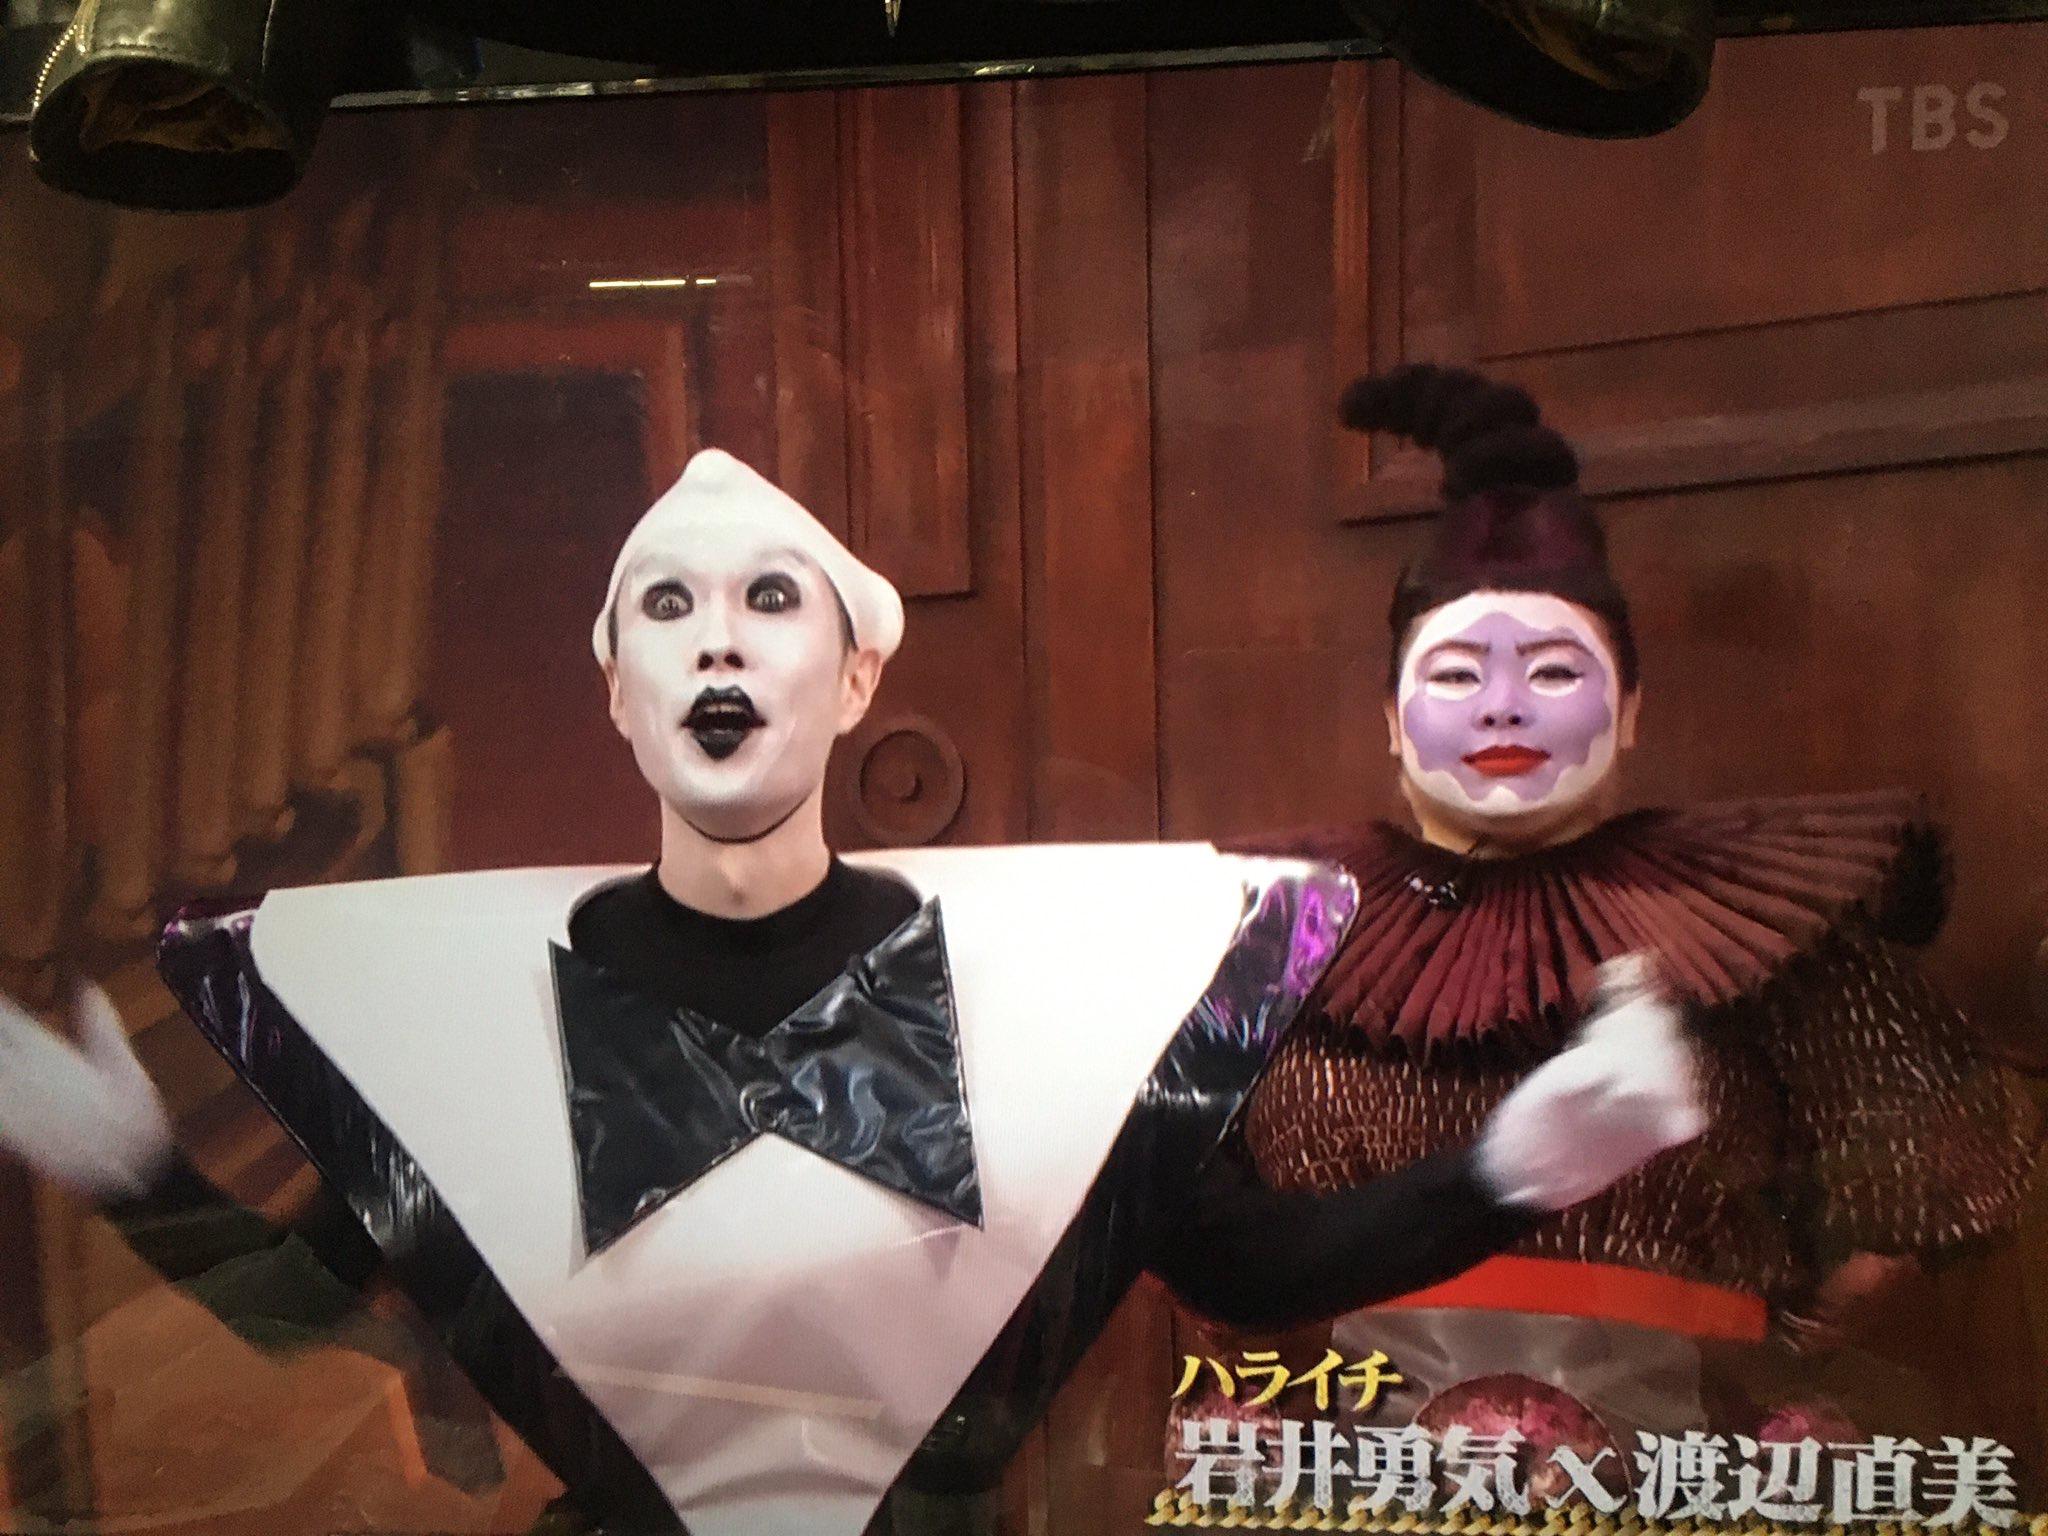 ドリーム マッチ 直美 ドリームマッチ2020 - 岩井勇気(ハライチ)×